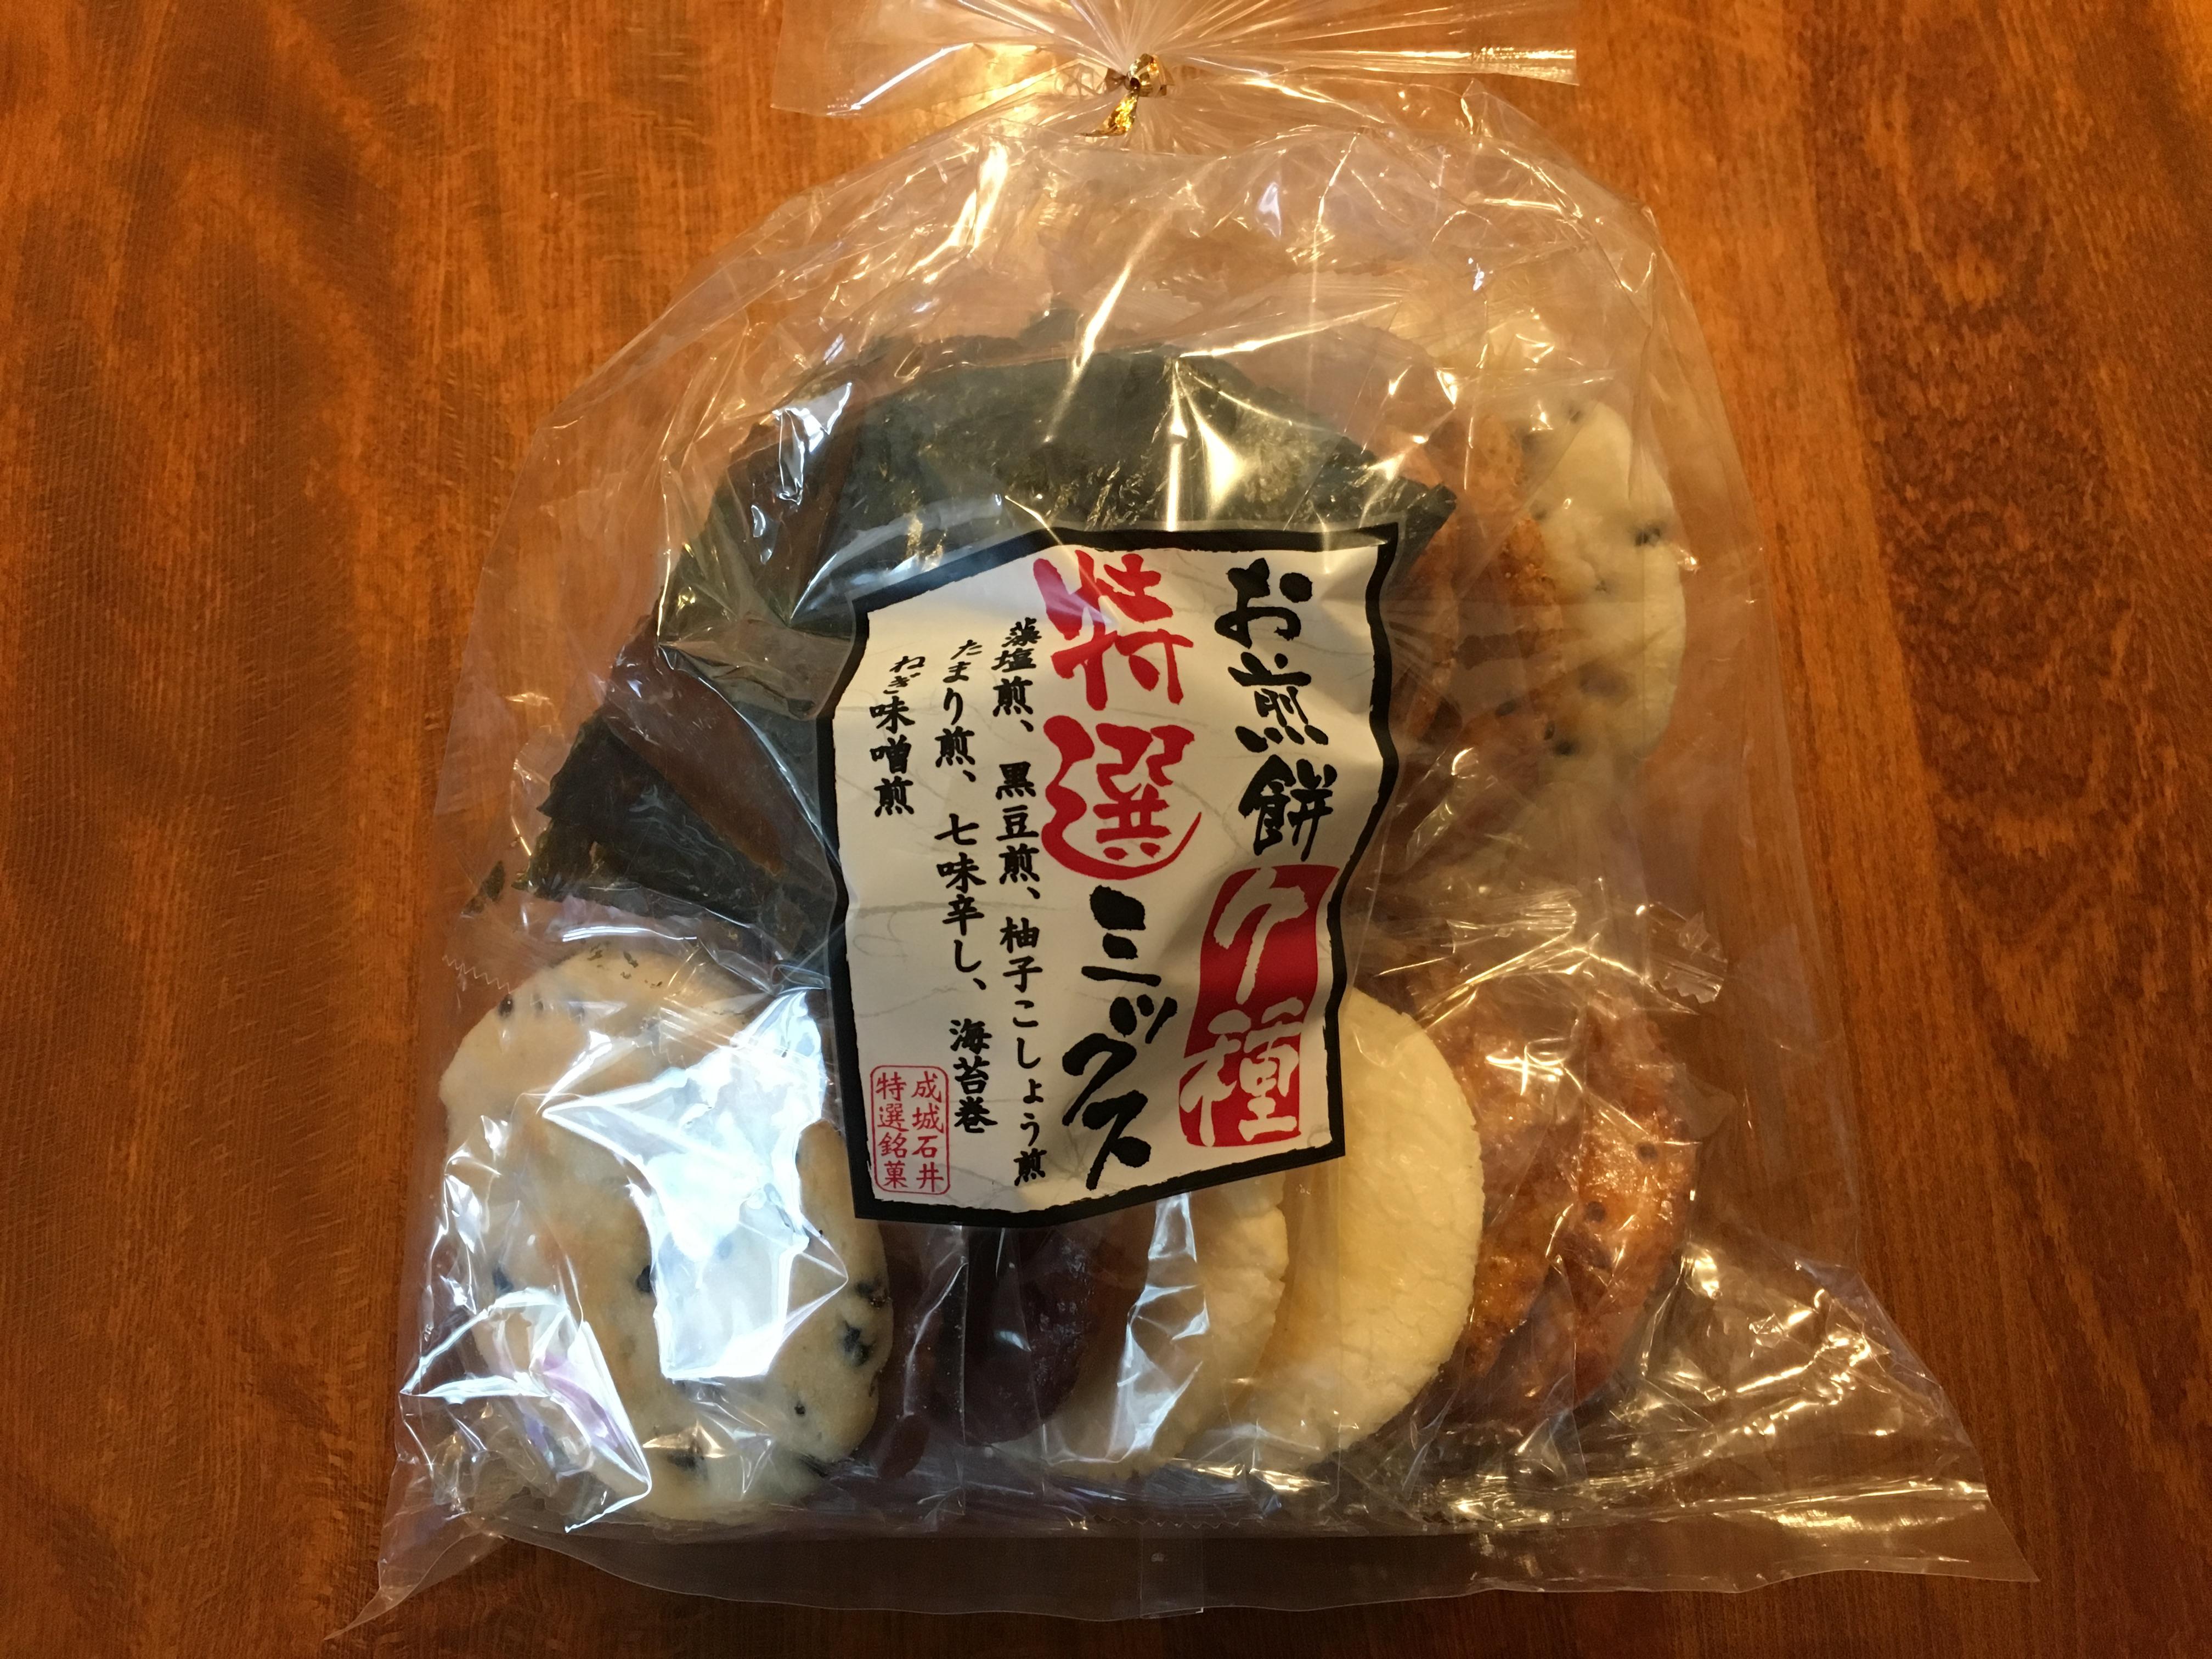 【成城石井】お煎餅7種特選ミックスが超人気!お得すぎる中身とは?